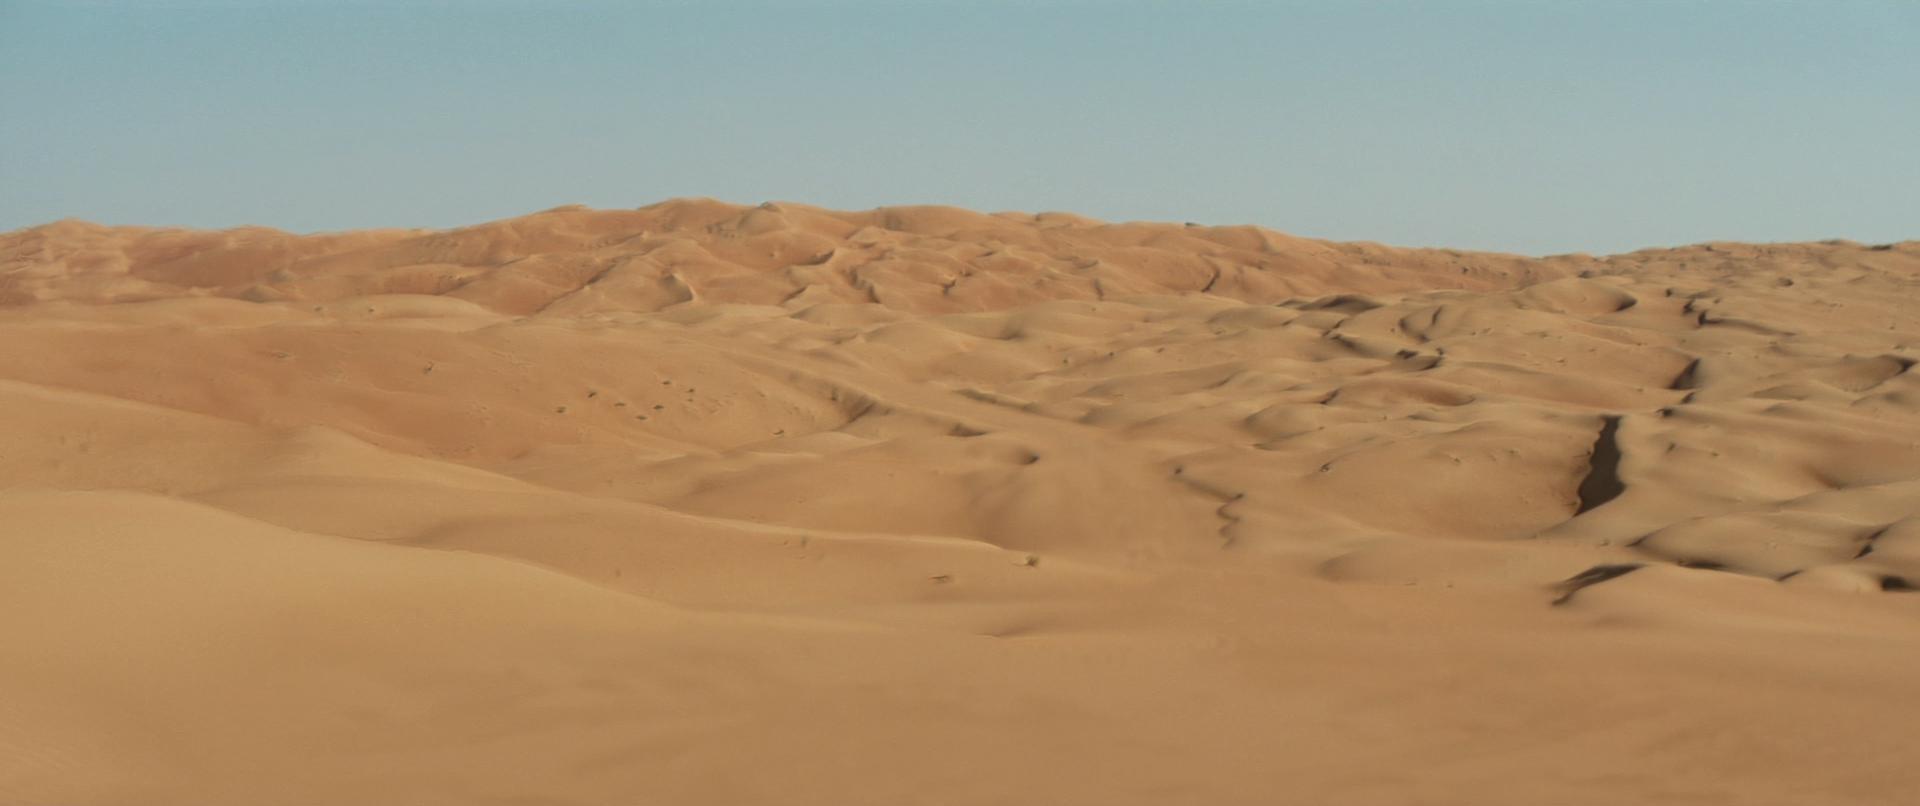 desert wookieepedia fandom powered by wikia